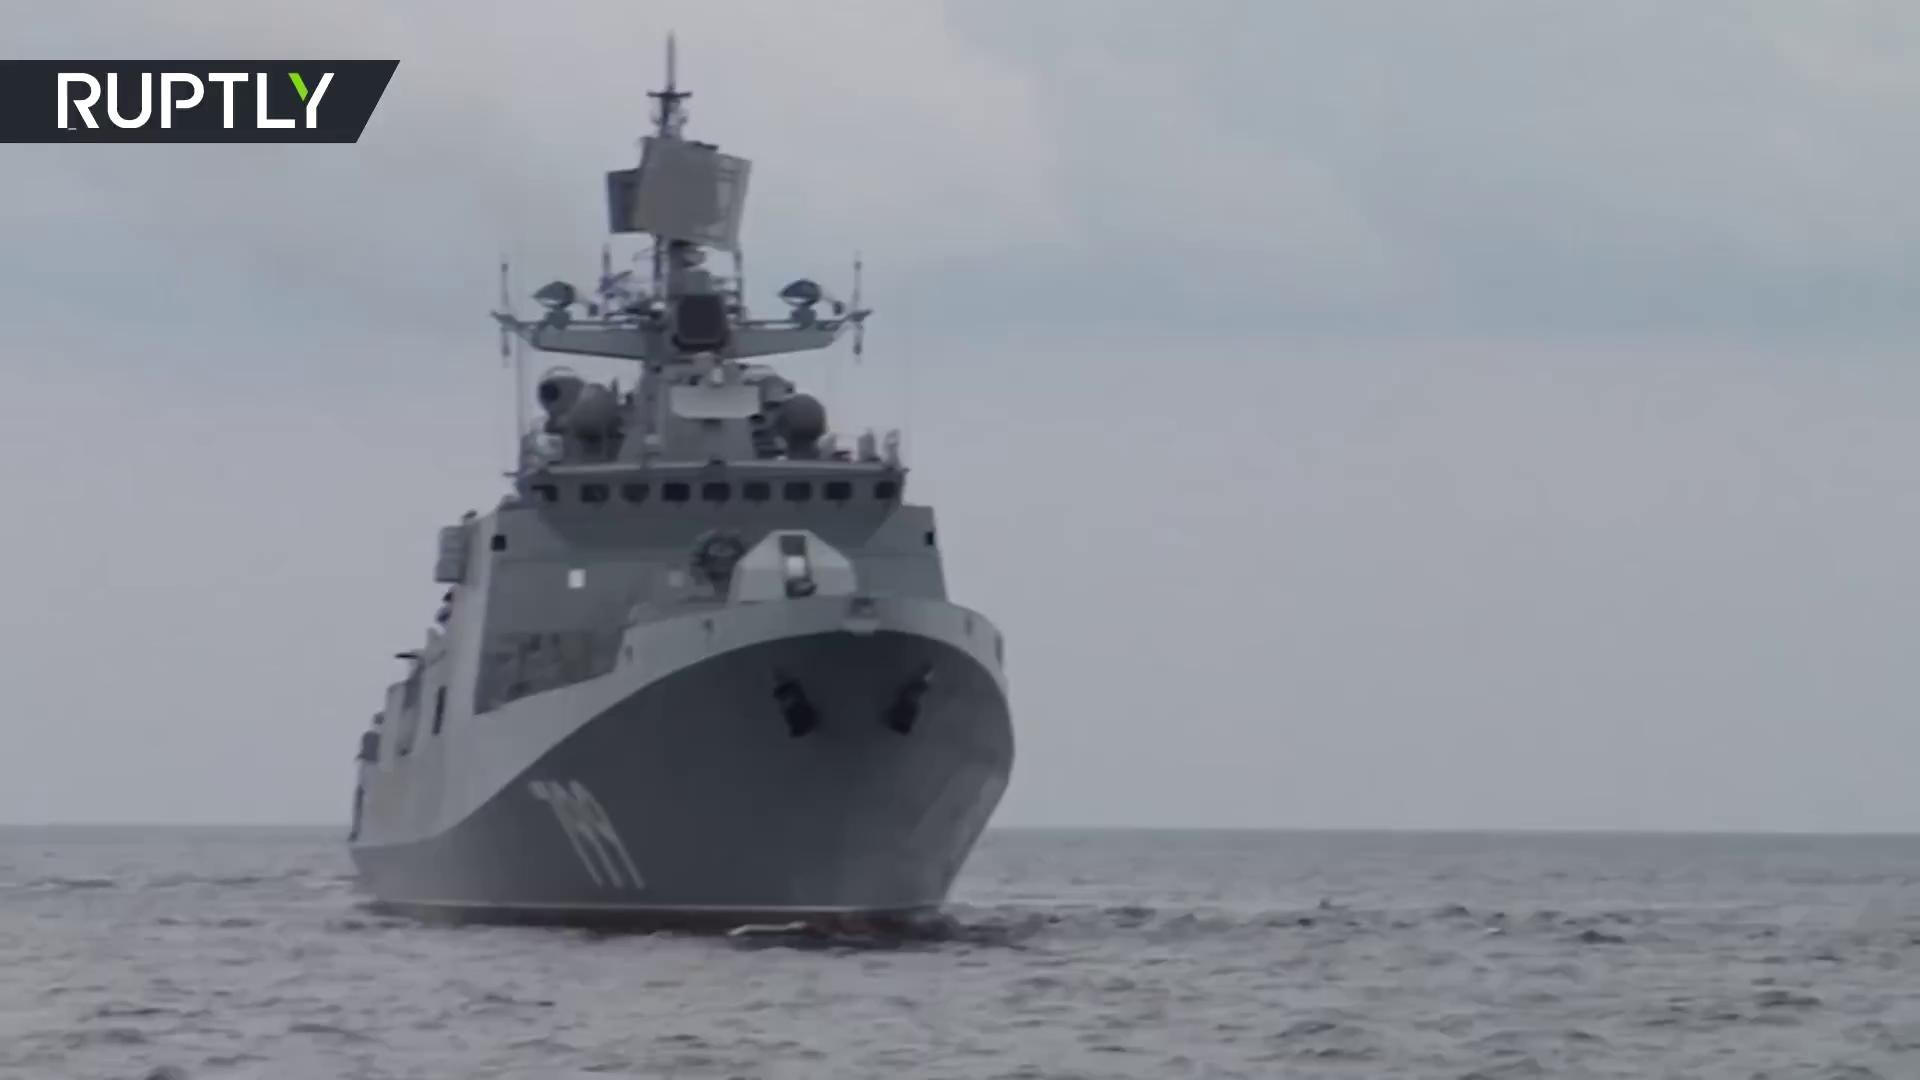 Khinh hạm Đô đốc Makarov - Dự án 11356M tập trận bắn đạn thật trên biển Baltic